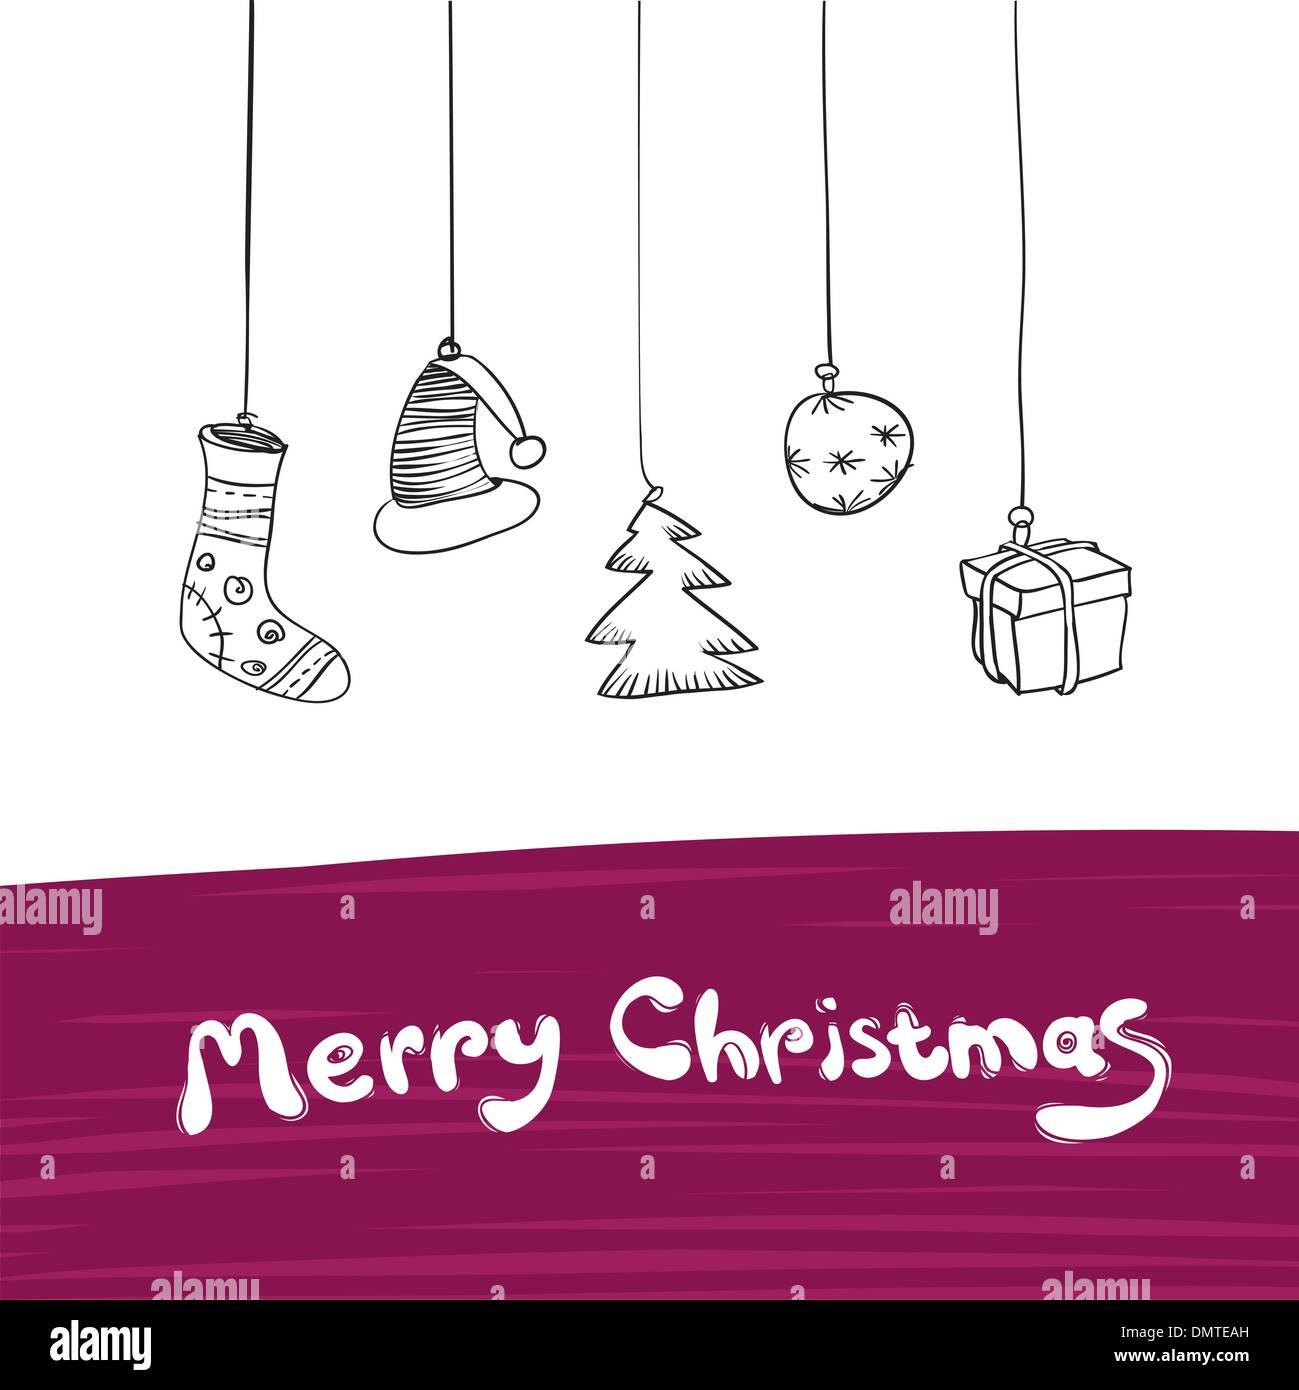 Buon Natale doni illustrazione. Vettore, Eps8. Illustrazione Vettoriale